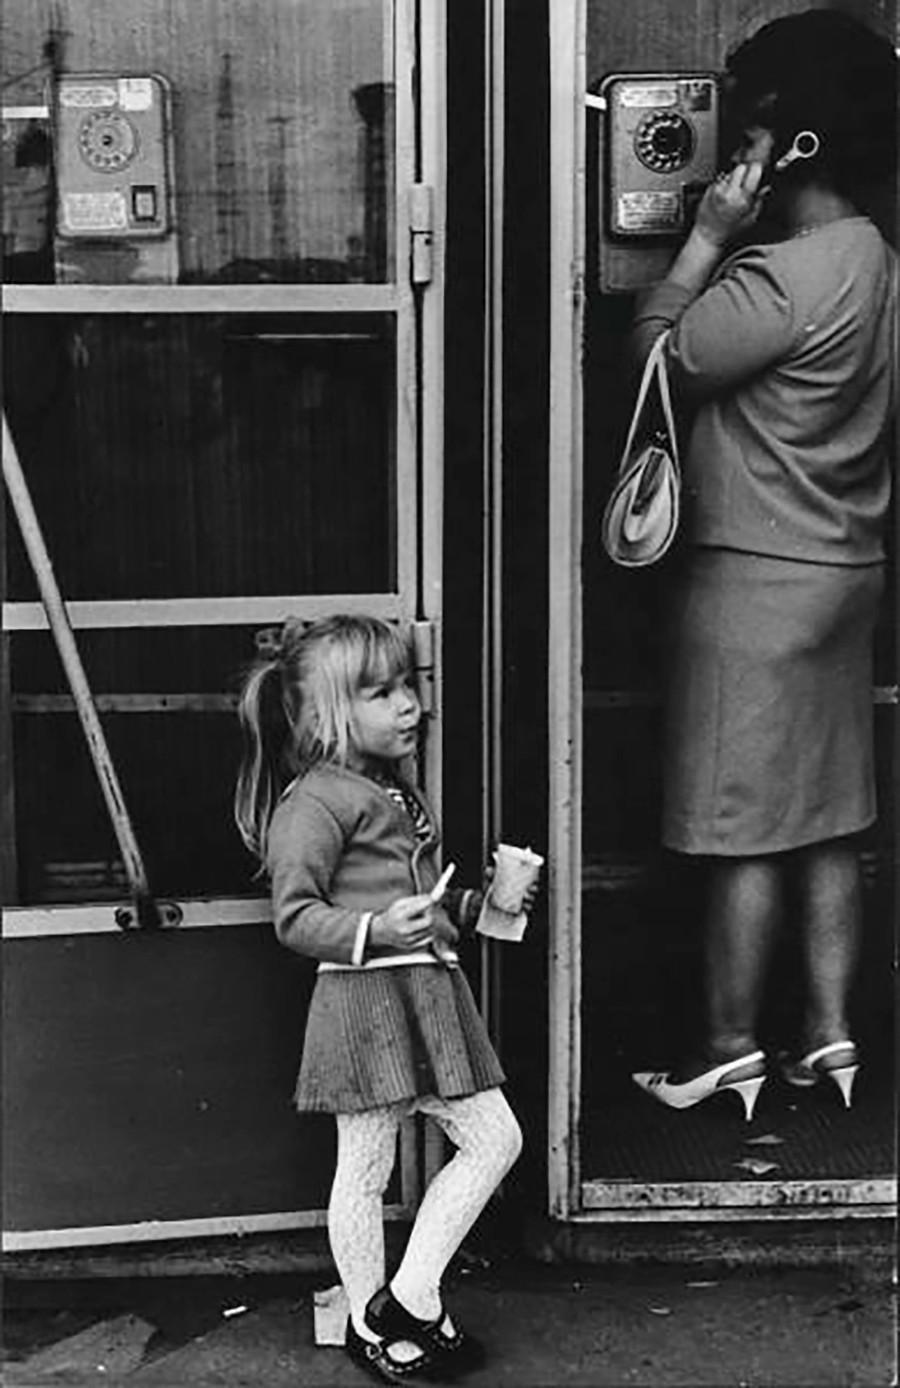 Das bin nur ich! Ein Mädchen posiert beim Eisessen 1969.